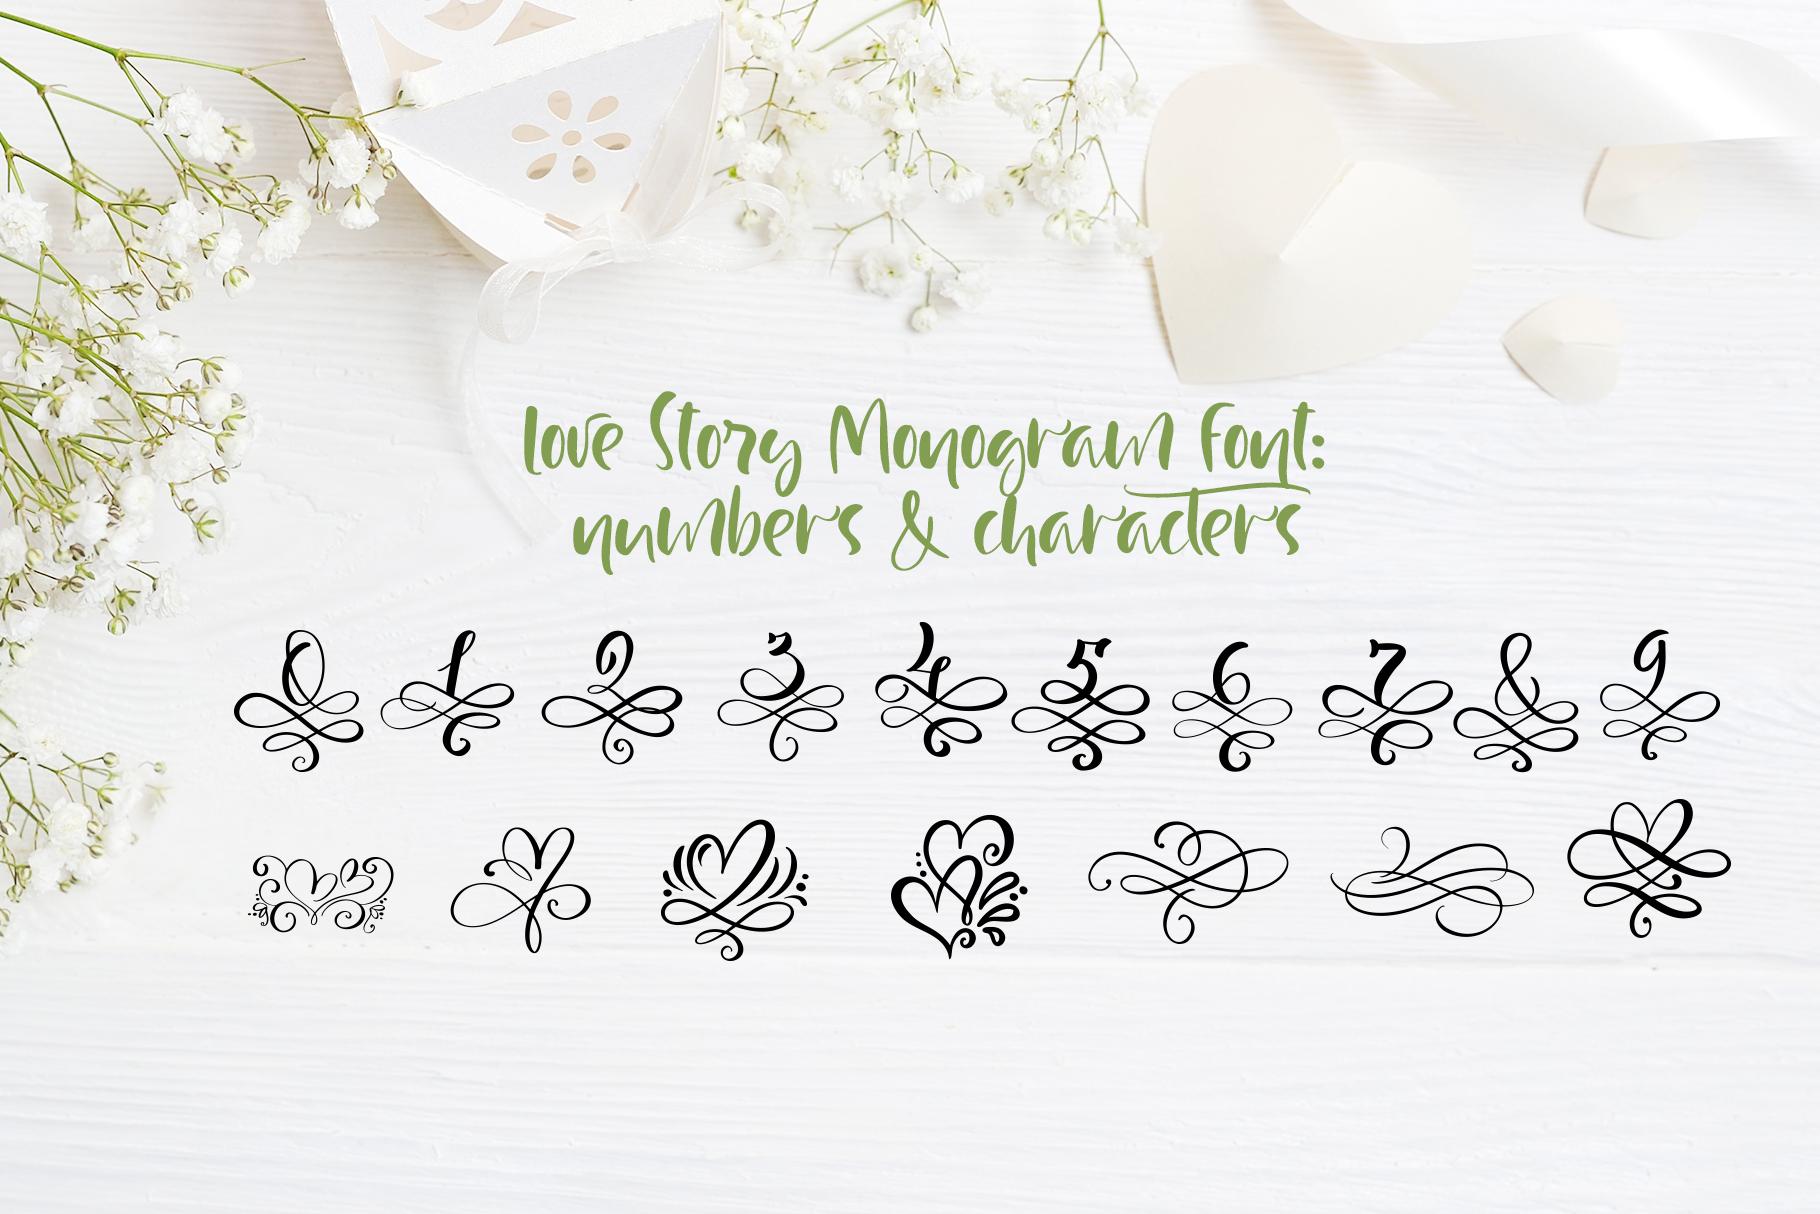 Love Letters Monogram Font - title07